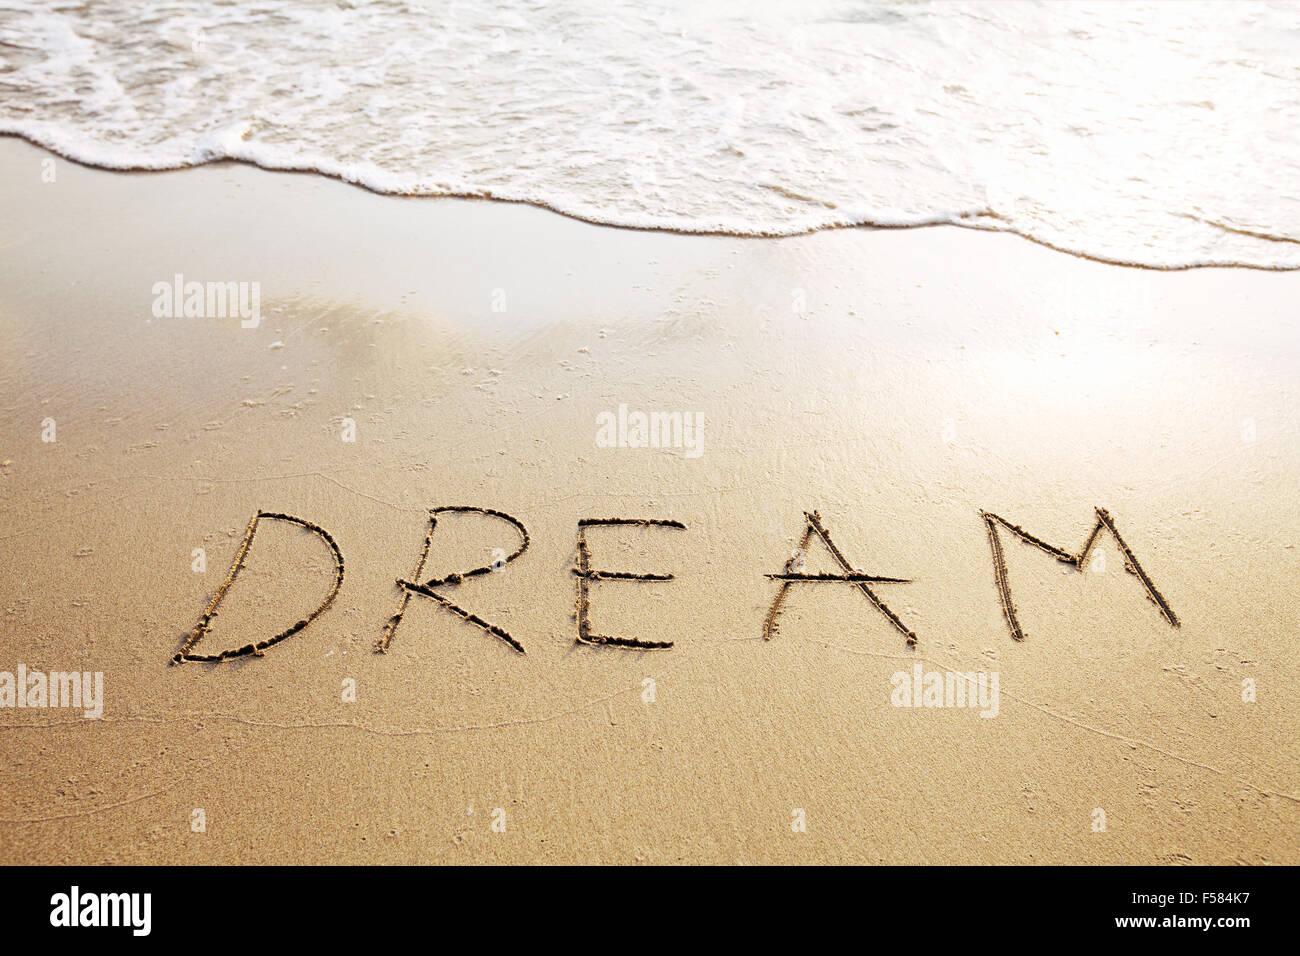 Traum - Wort geschrieben am Strand Stockbild